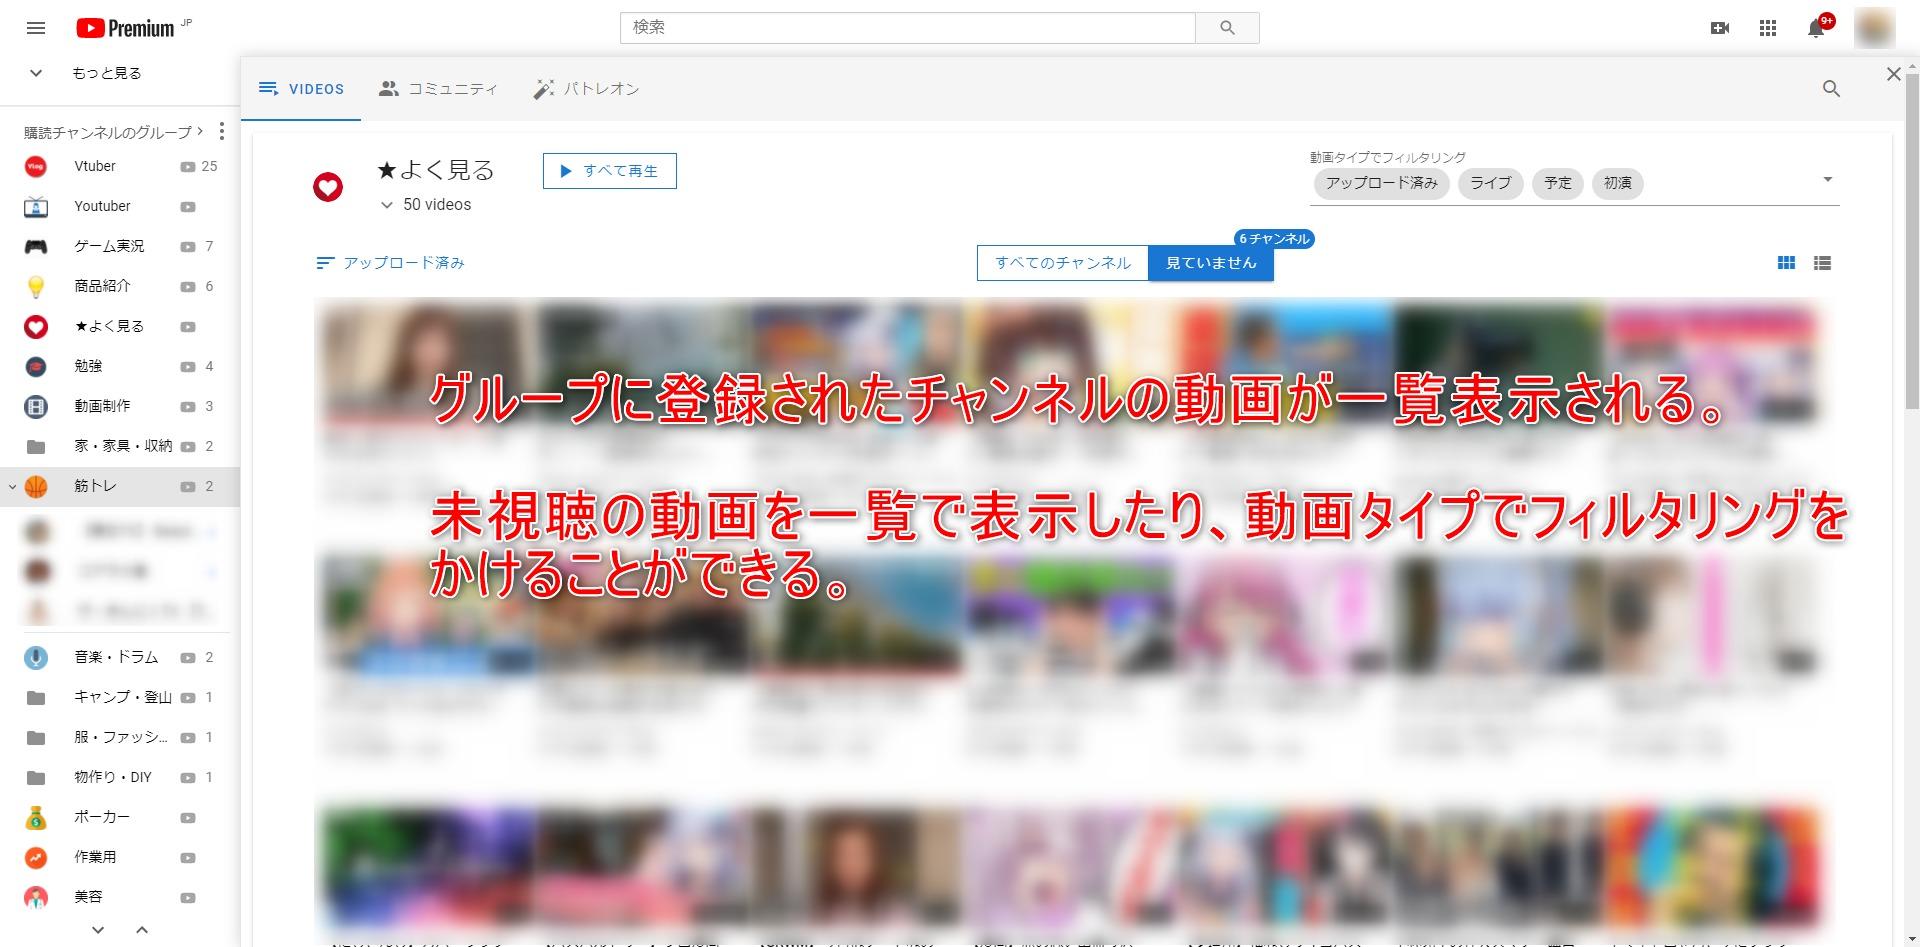 ▲グループに登録されたチャンネルの動画一覧を確認する(クリックで拡大)